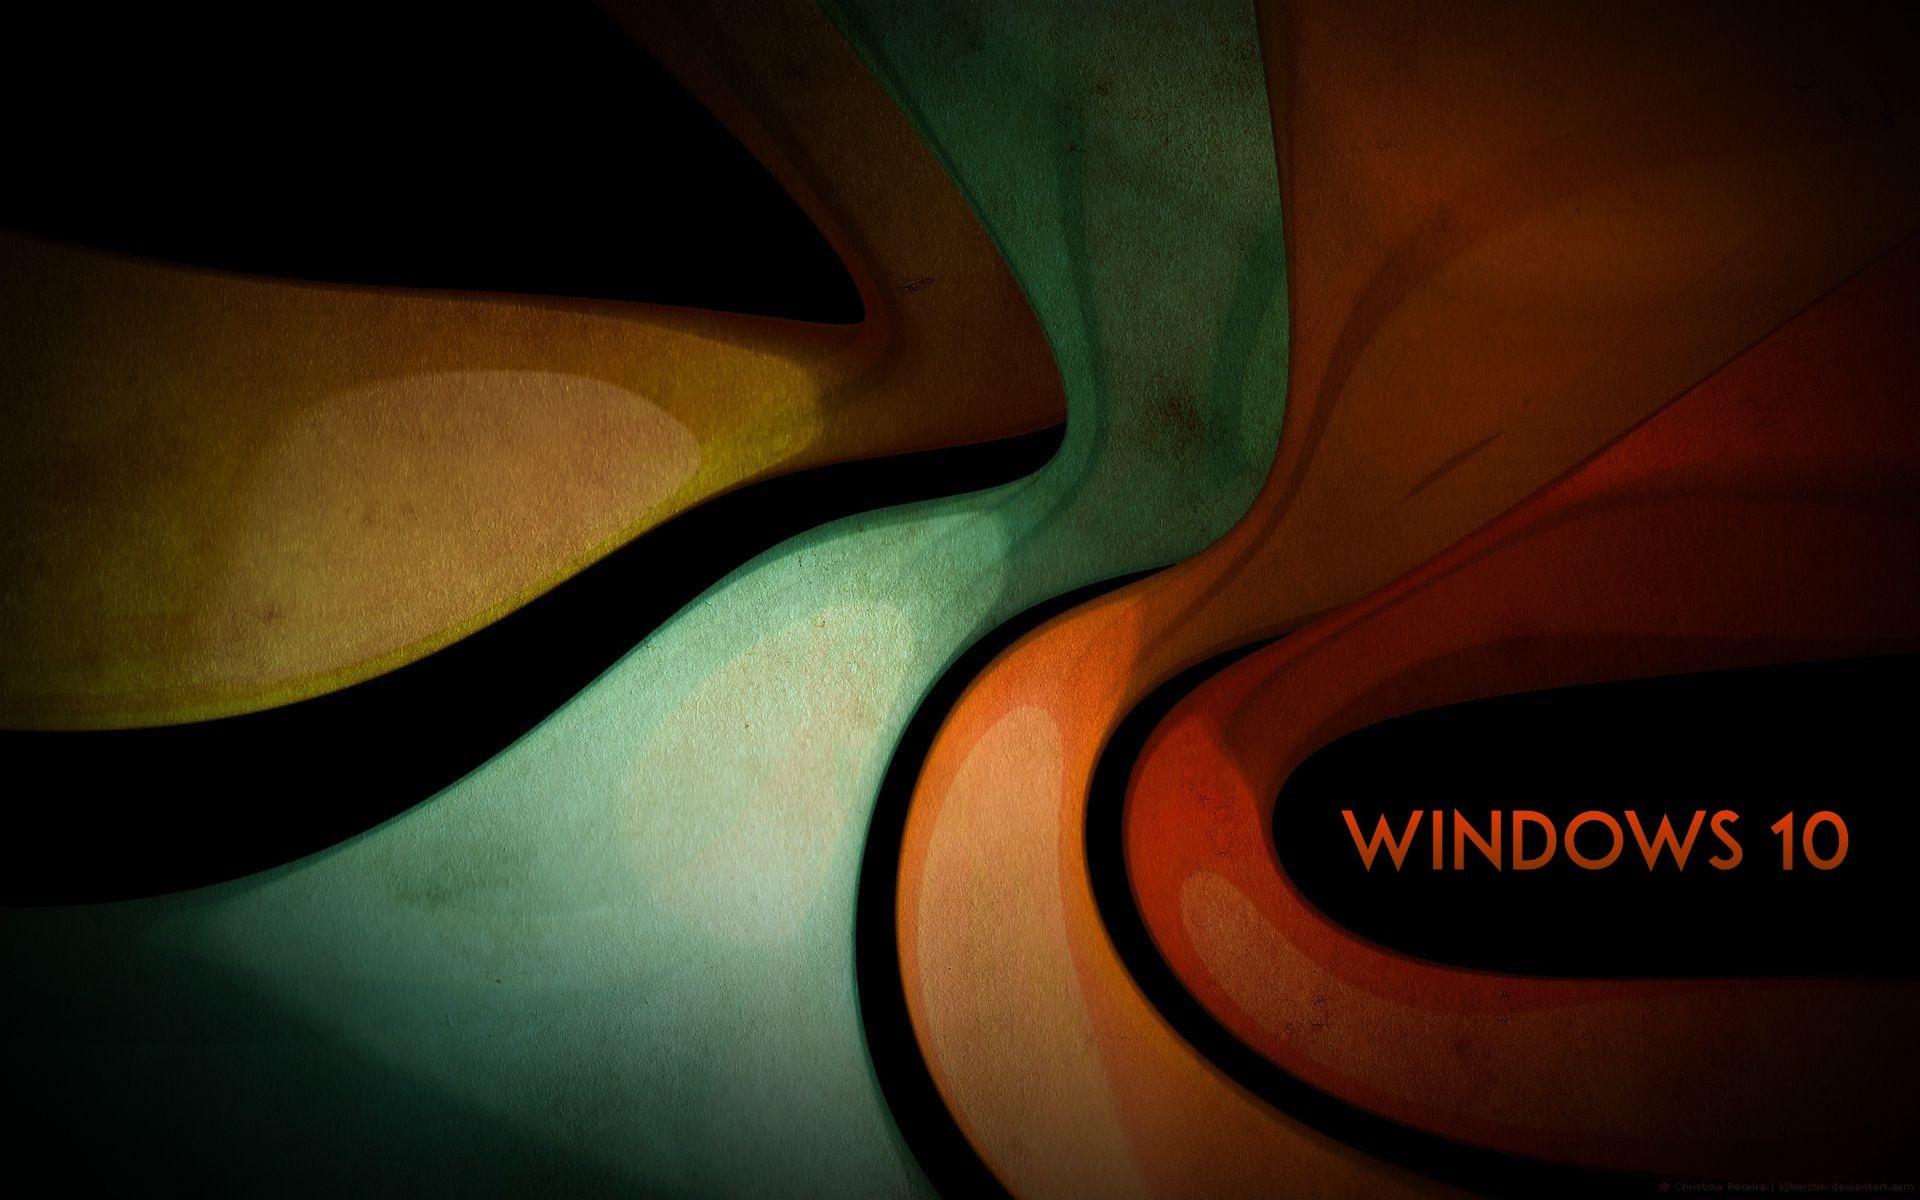 Windows 10 Wallpaper Art